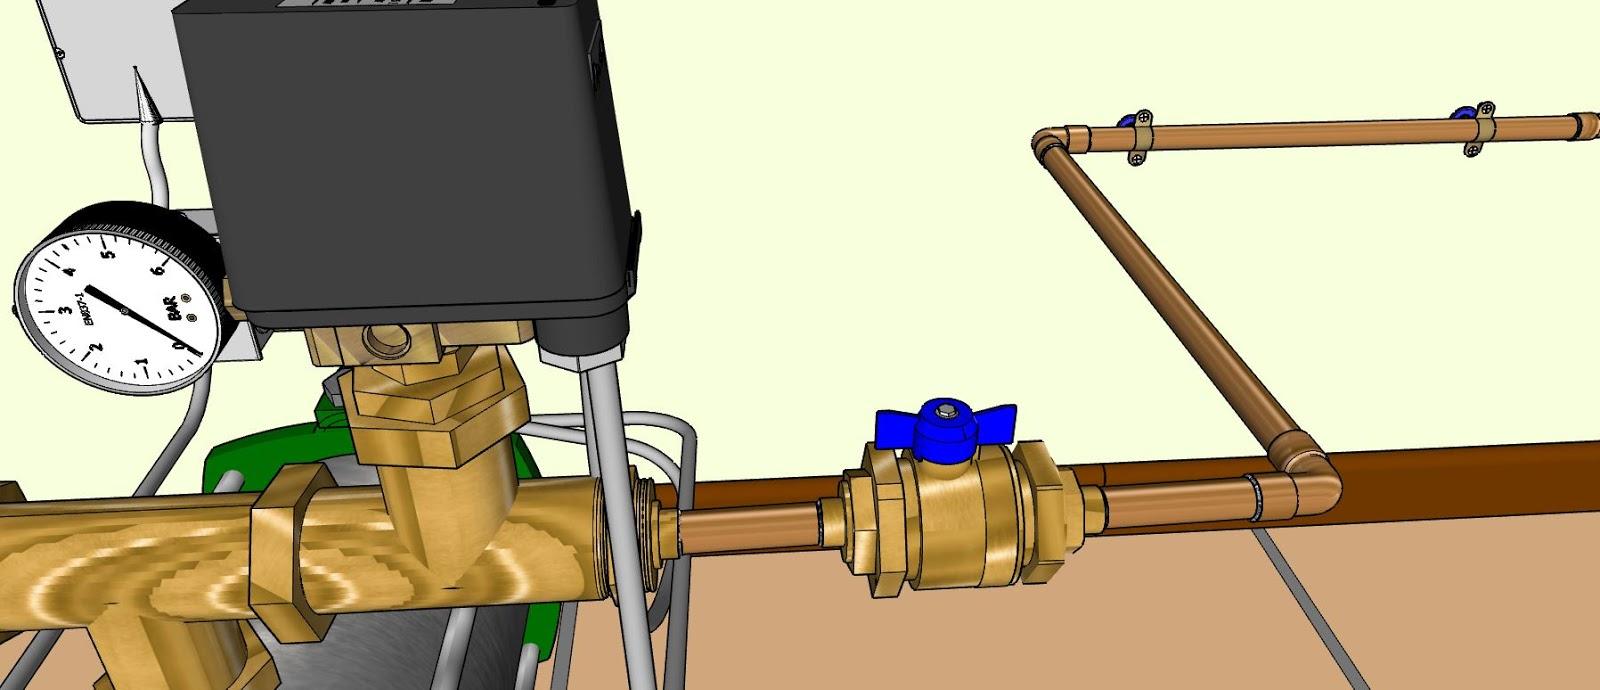 Tuyaux cuivre 16 mm et vanne quart de tour